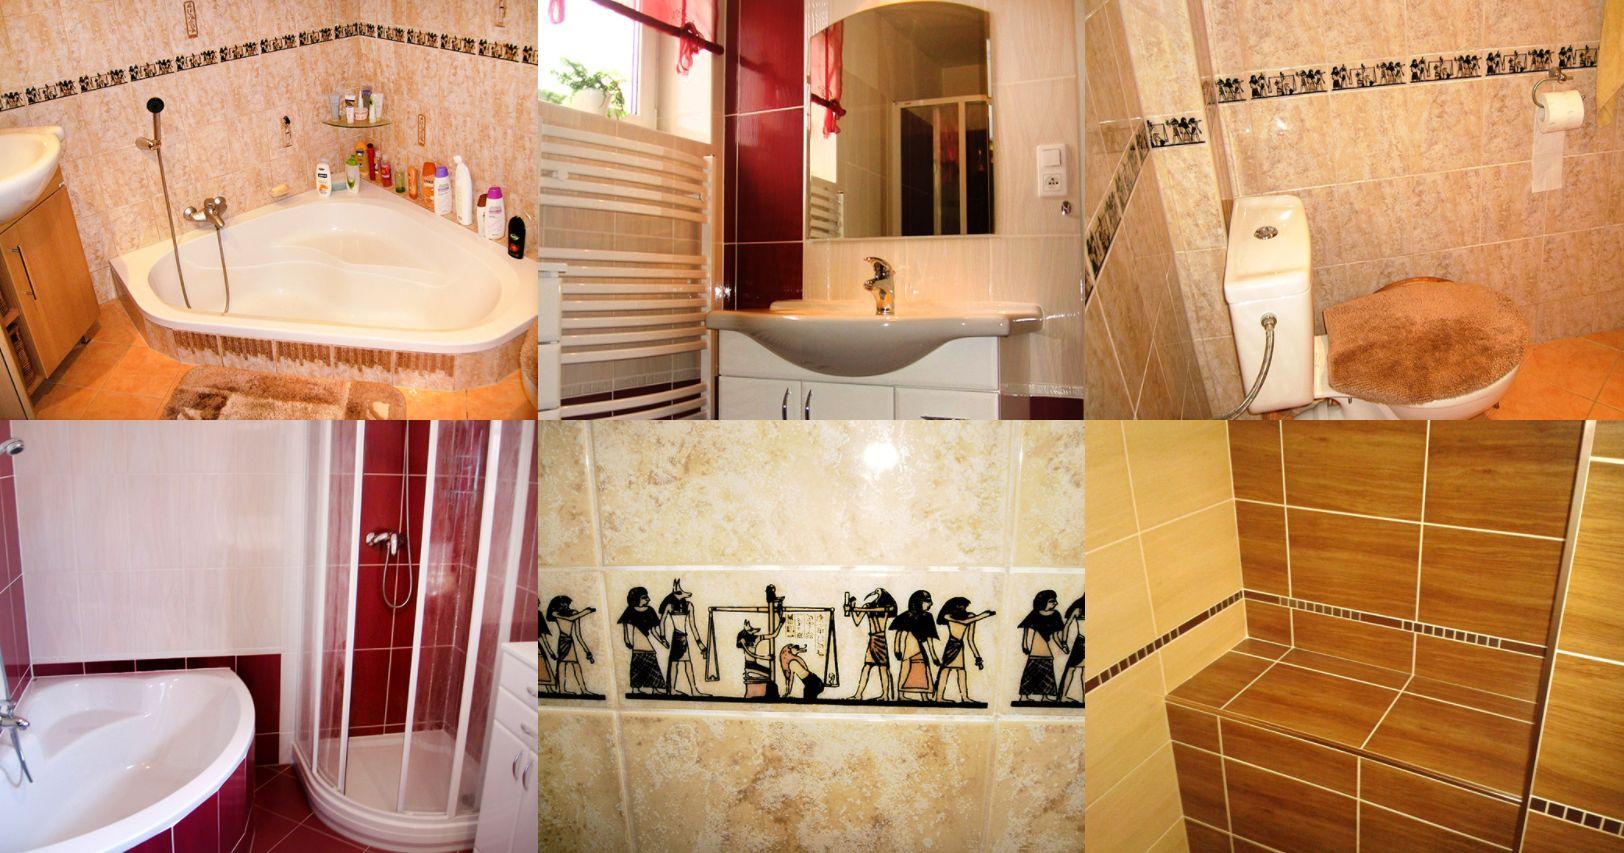 Koupelny - obklady a dlažby - OBKLADAČI PLZEŇ